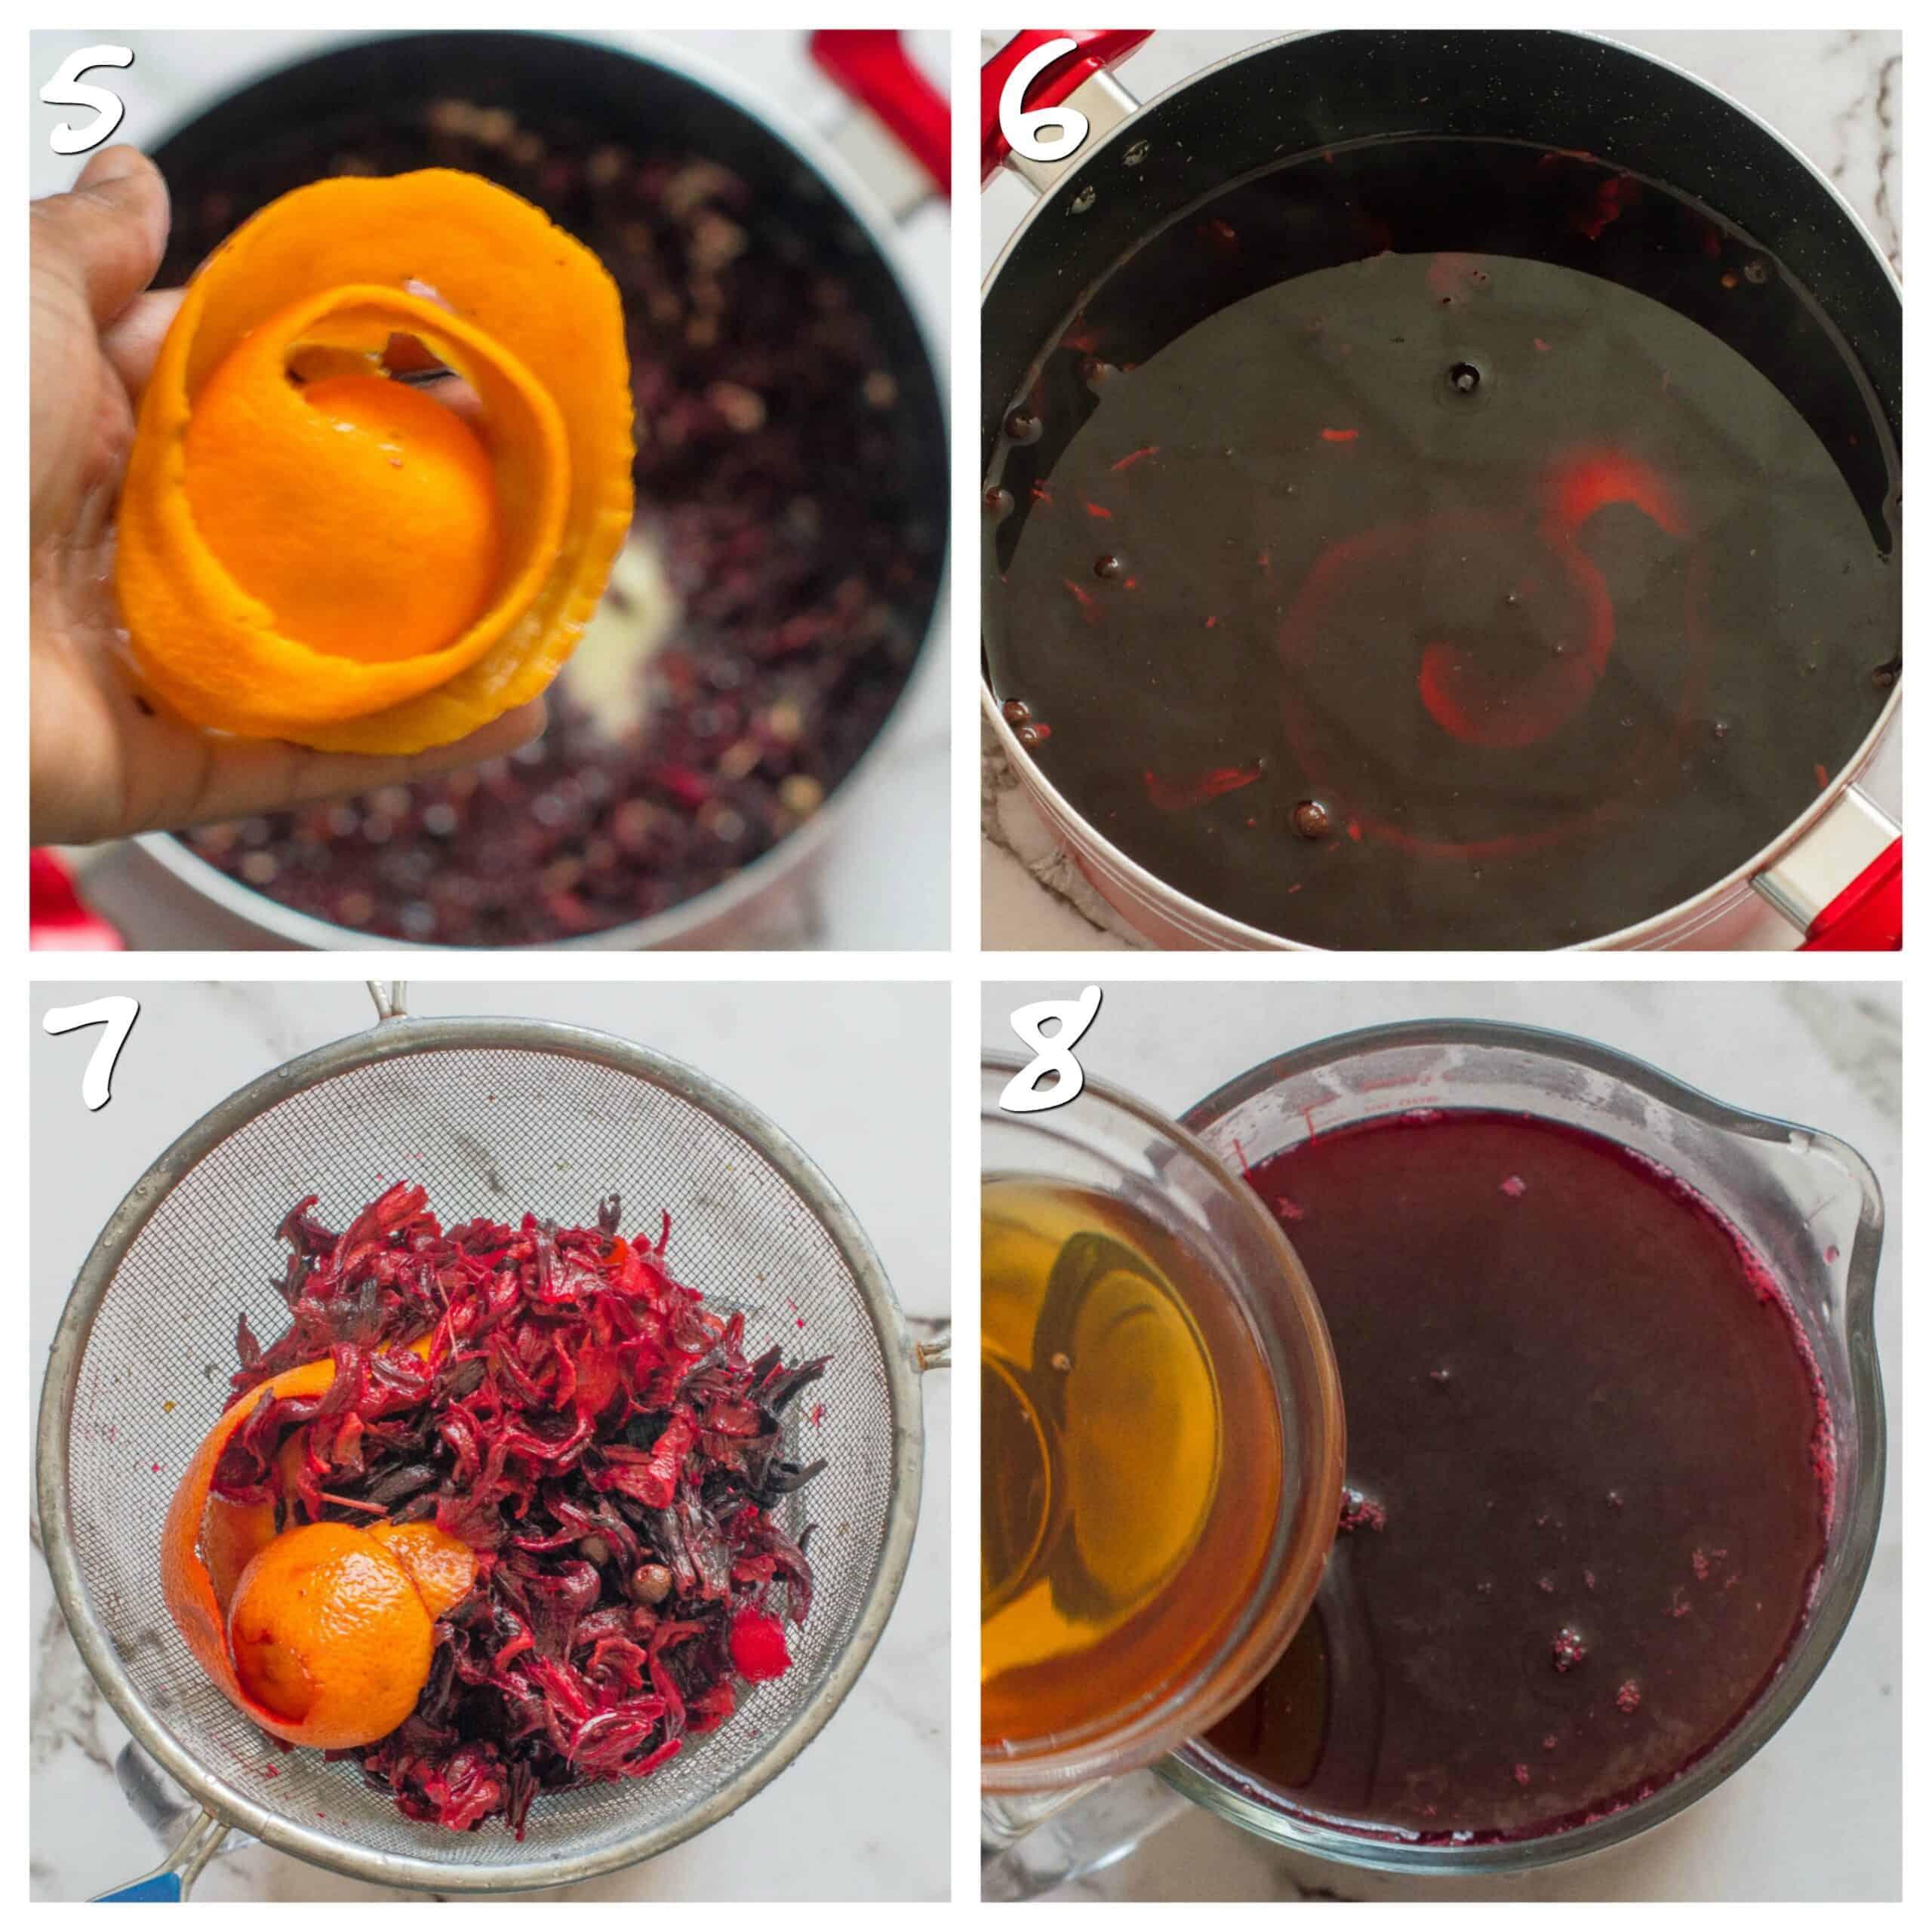 steps5-8 orange peel and steeping the sorrel